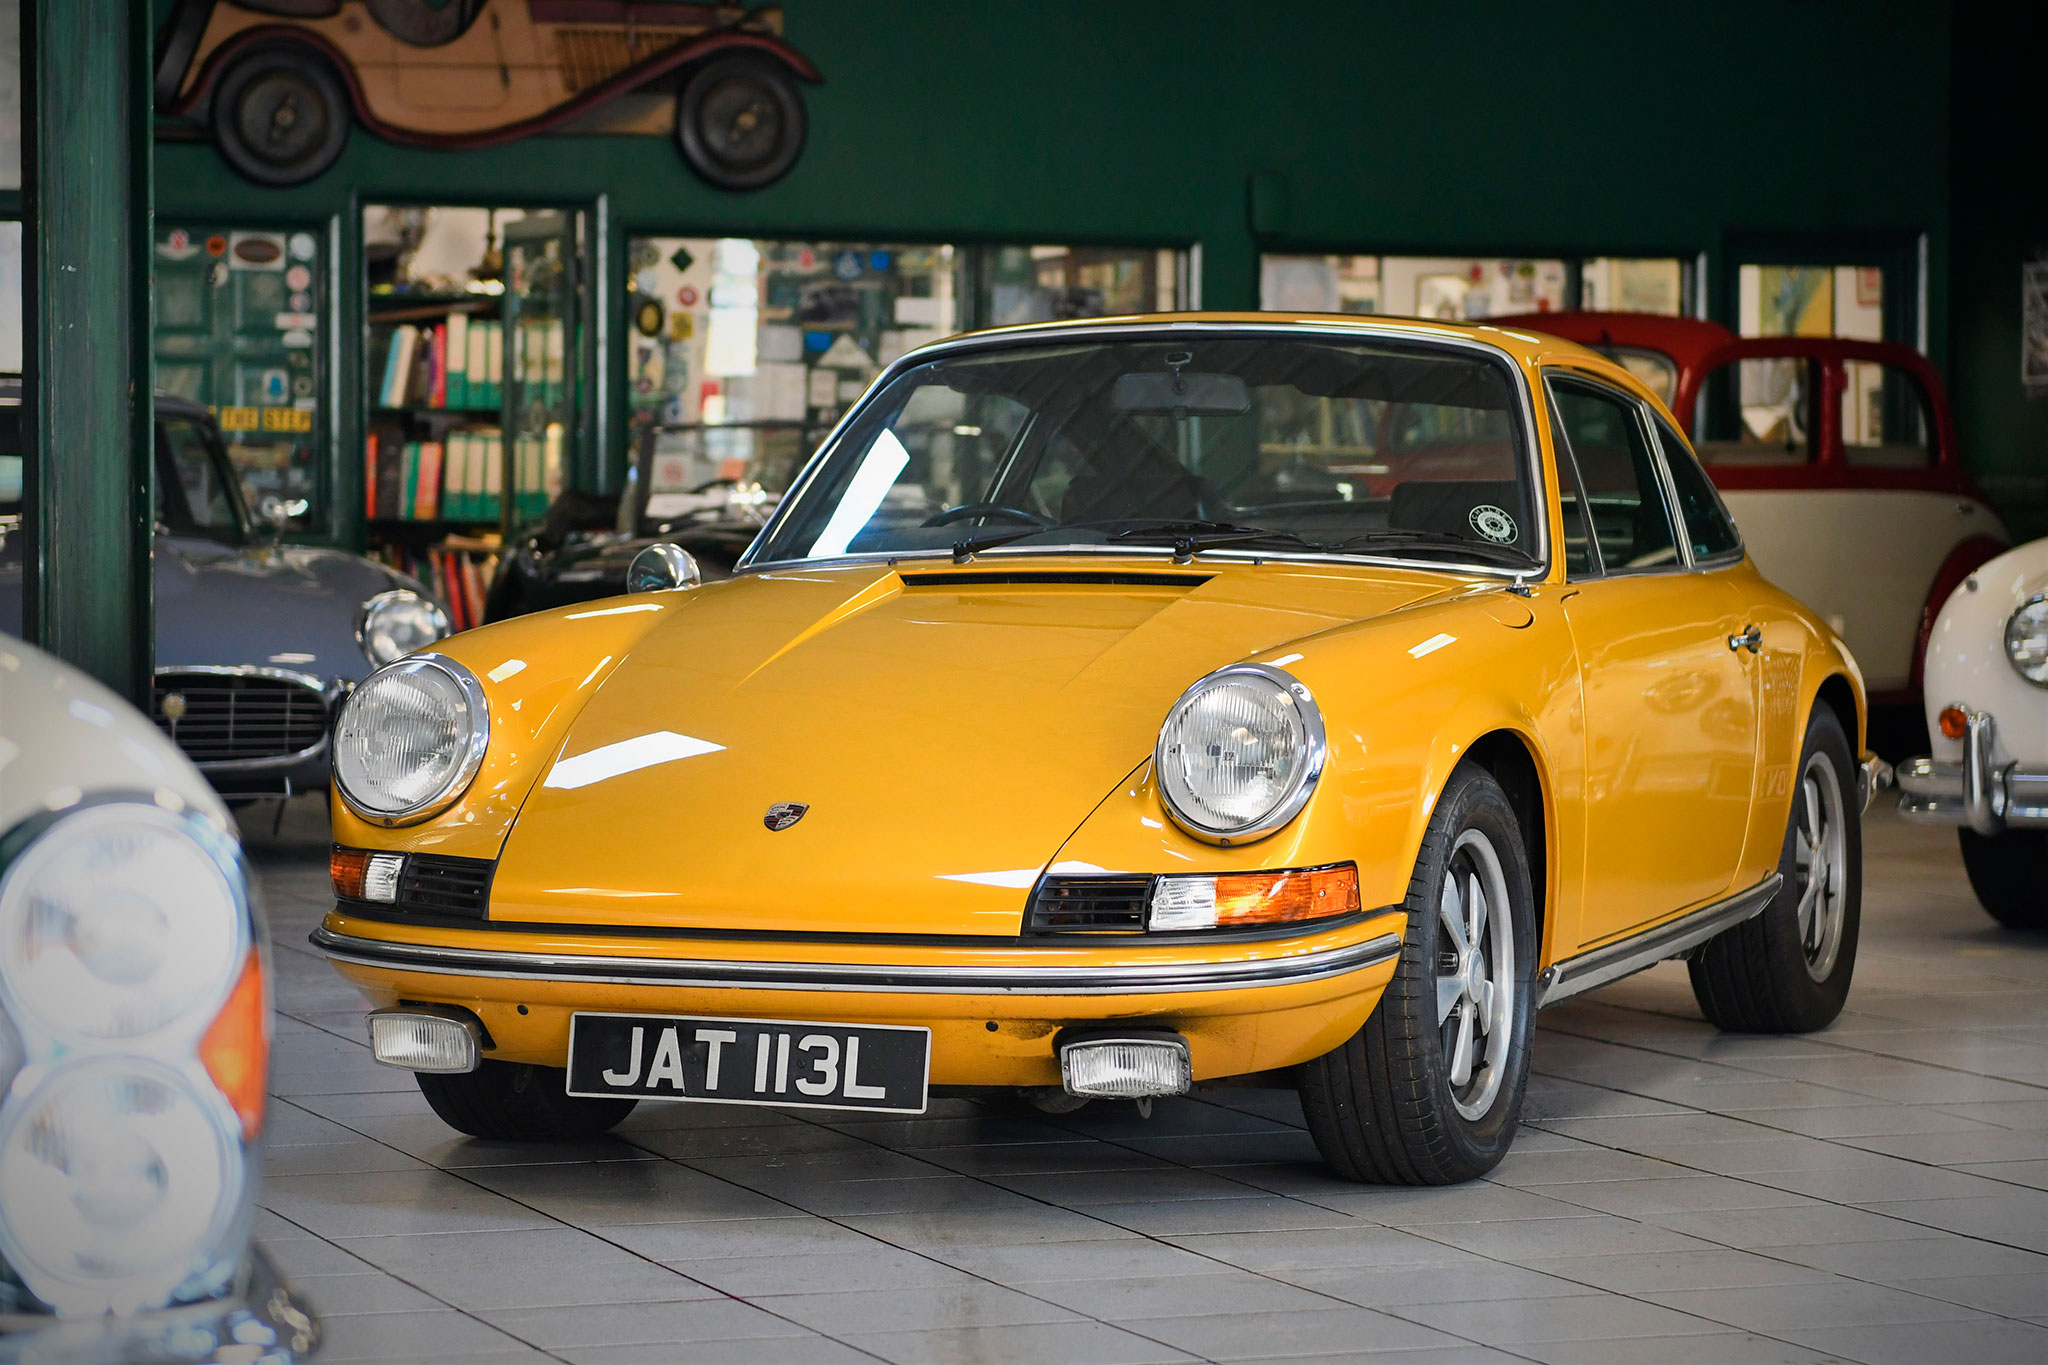 1973 Porsche 911 E - Marché de la Collection.